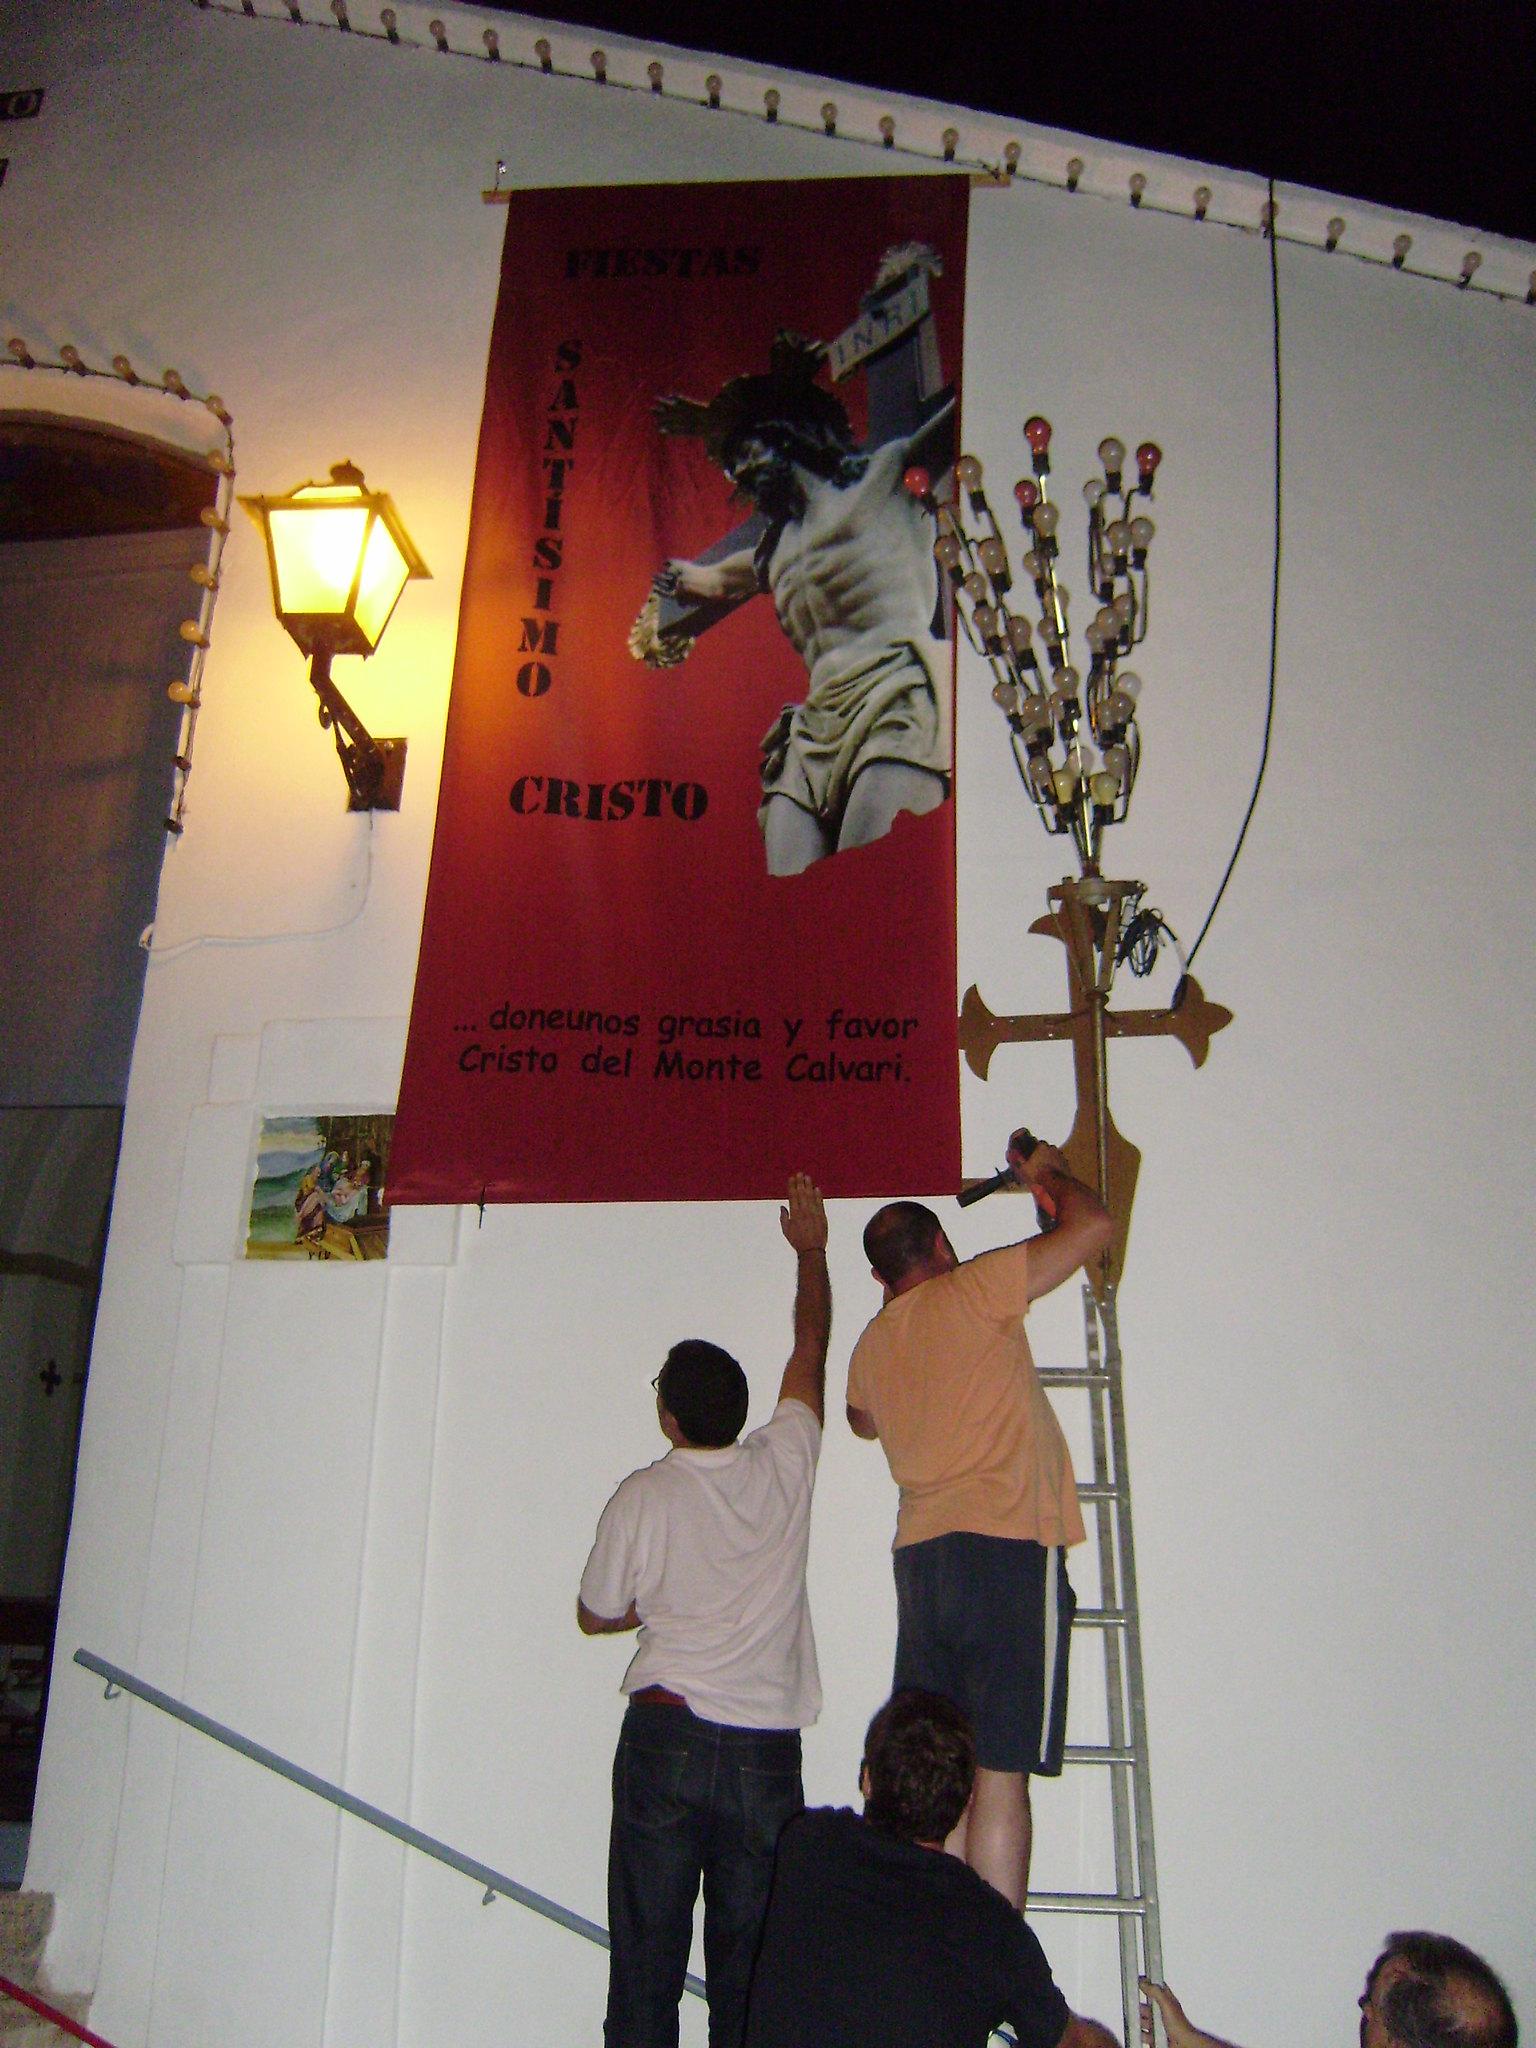 (2009-06-04) - Preparativos - Javier Romero Ripoll - (12)